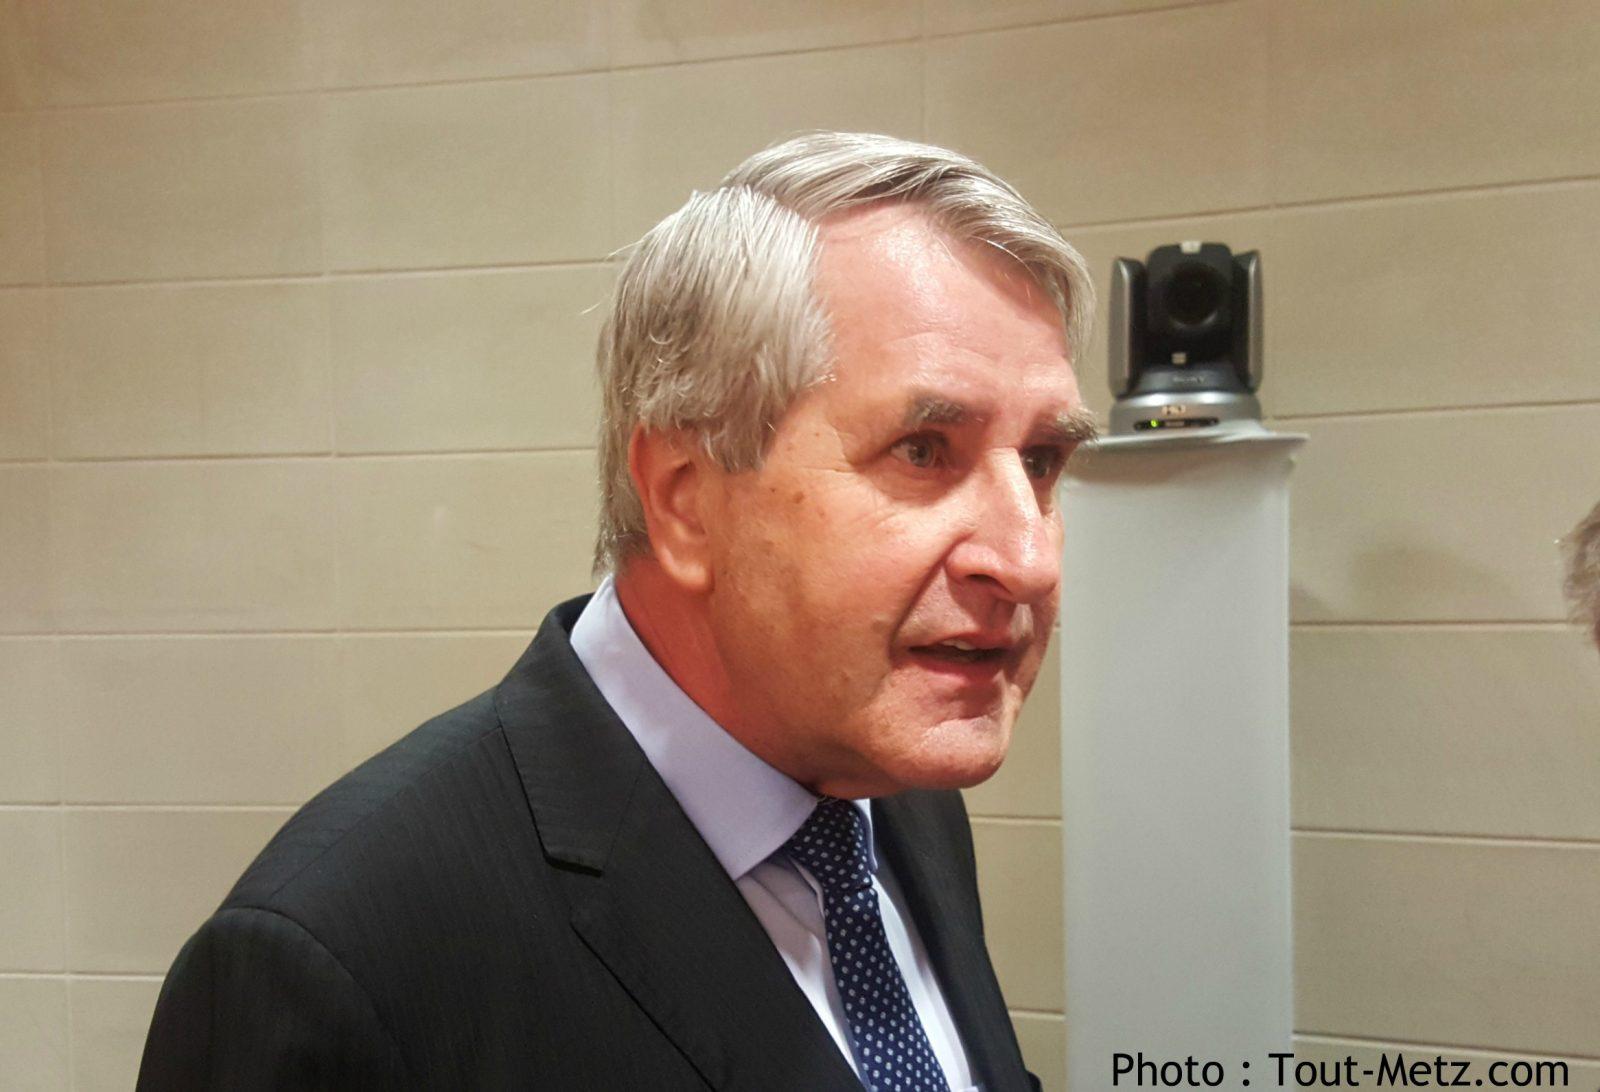 Démission du président de région, «Alsaxit»… nouveaux défis politiques pour le Grand Est